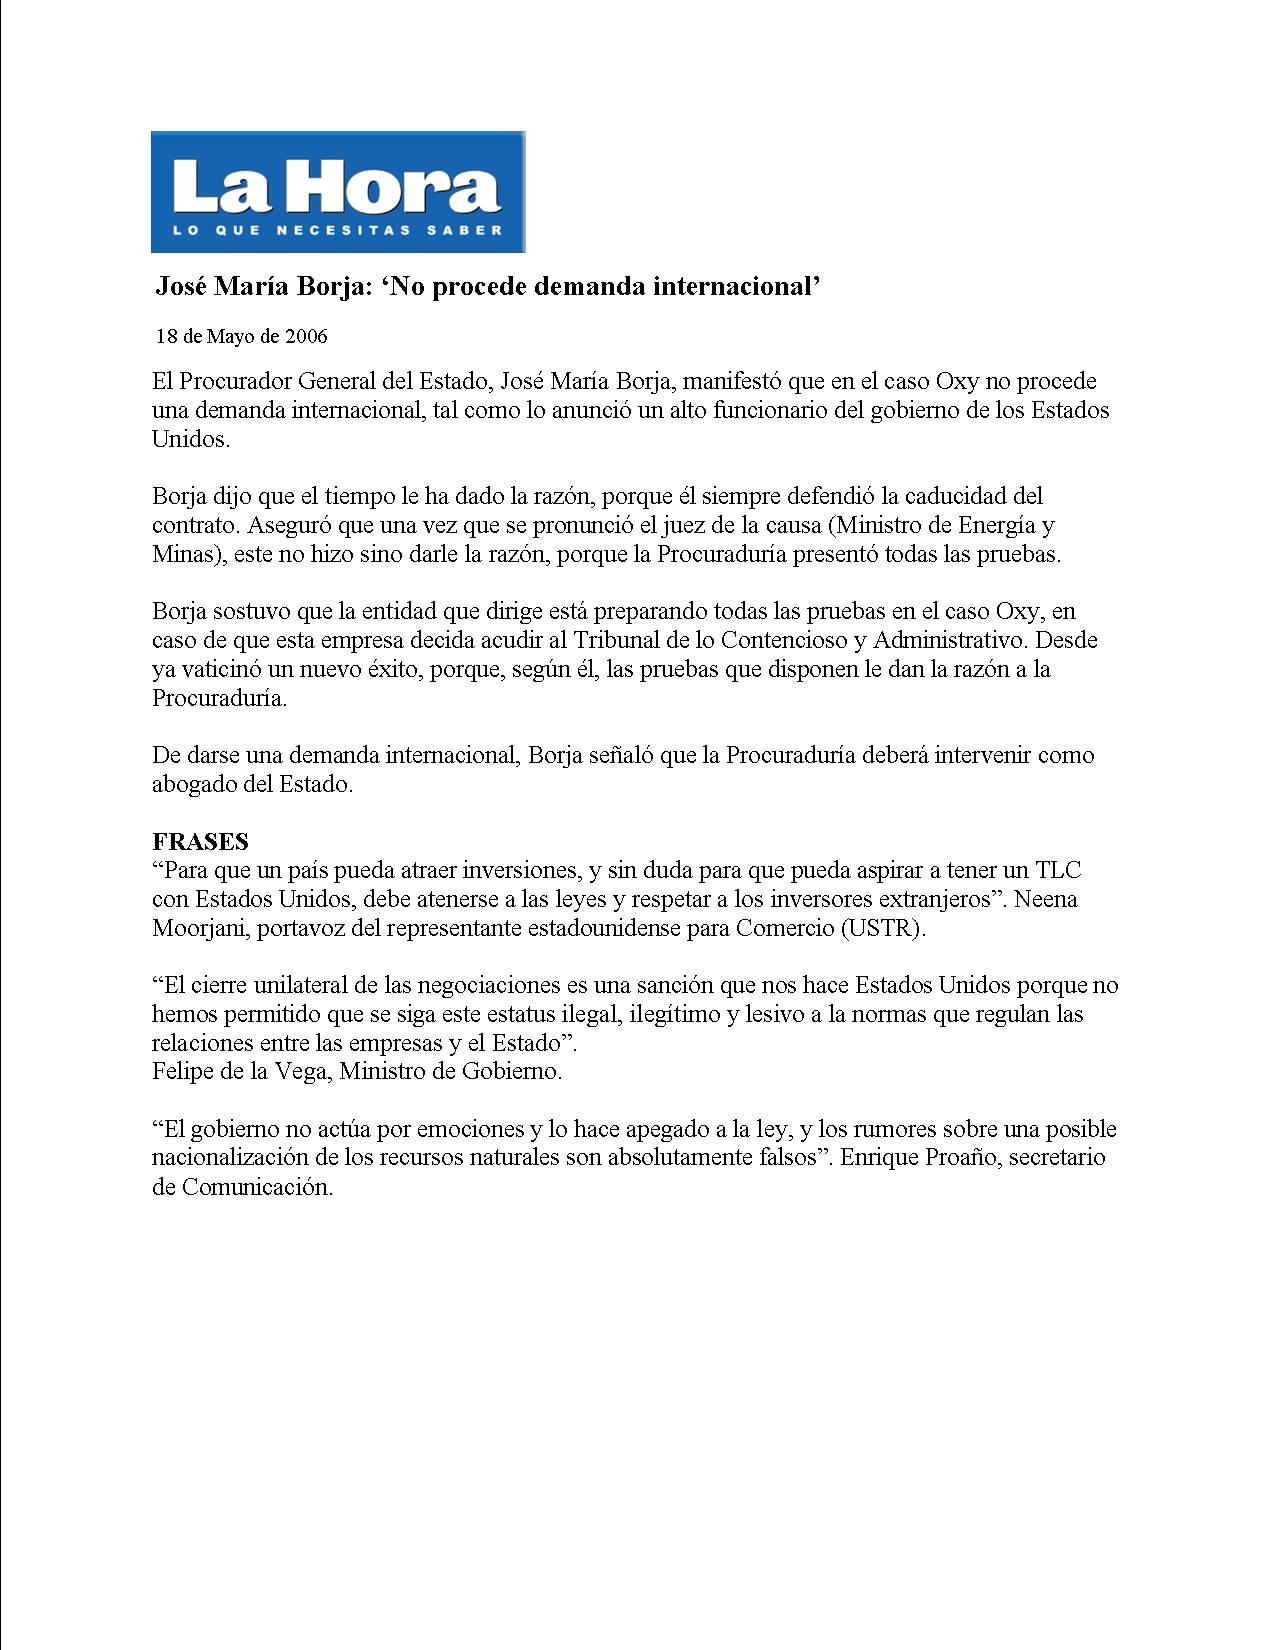 6-2006-05-18-La Hora